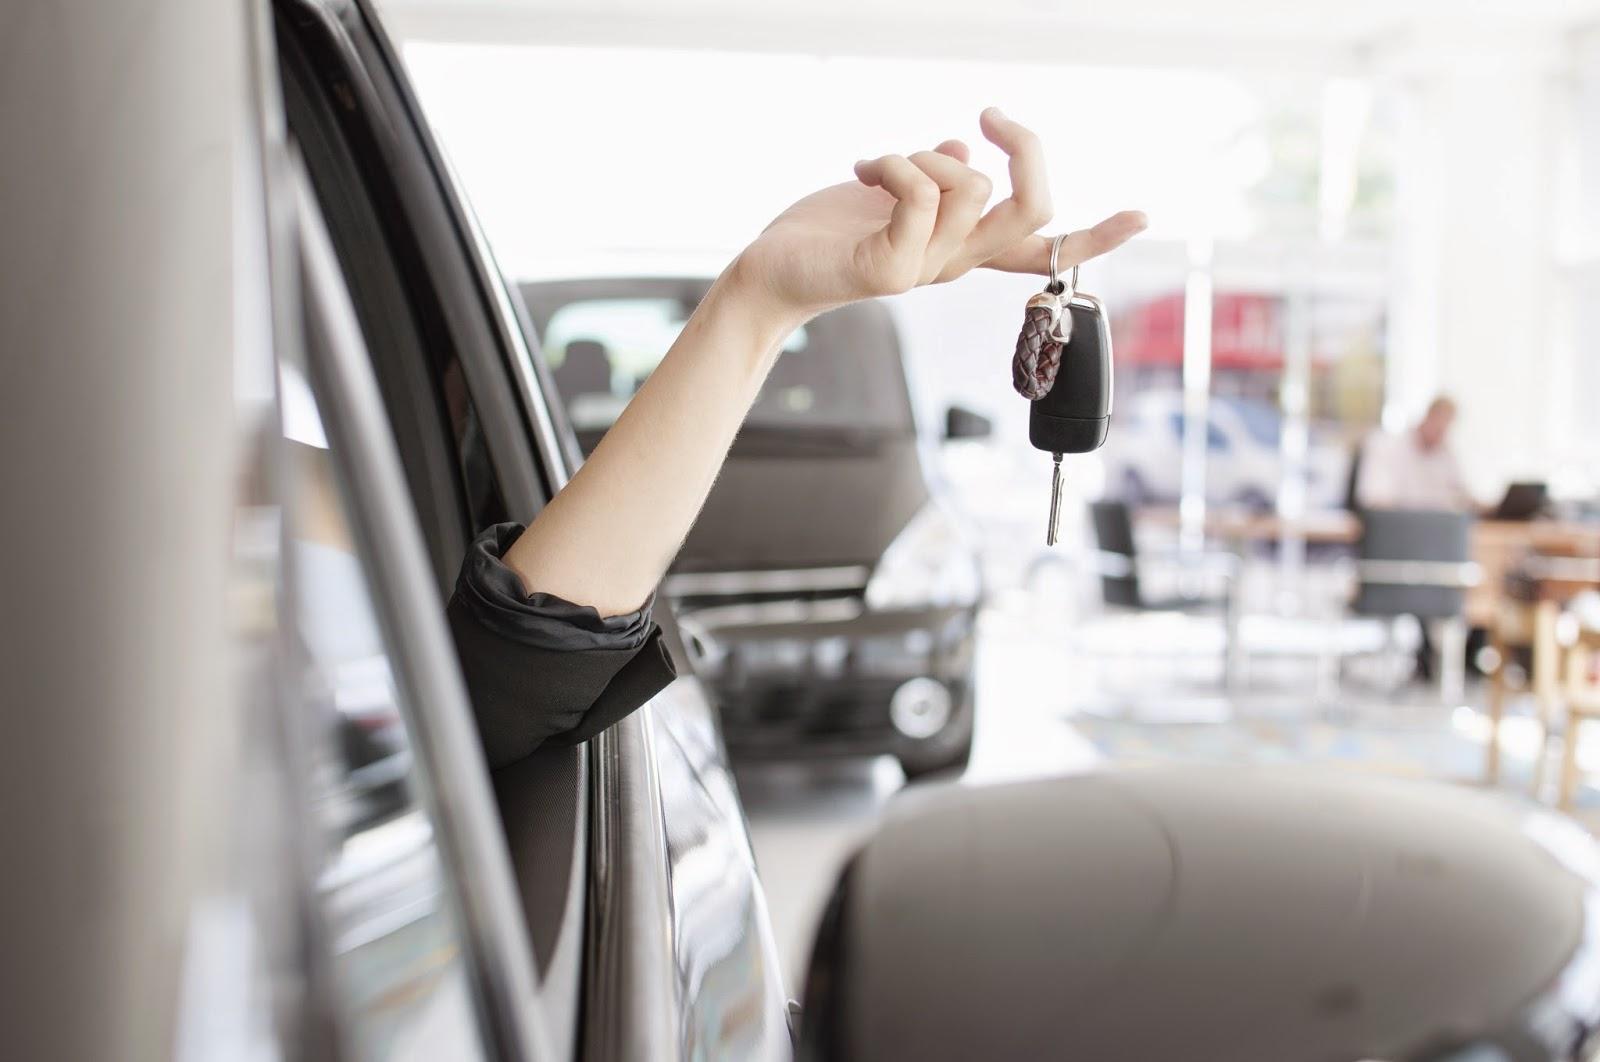 Woman dangling keys out of car window